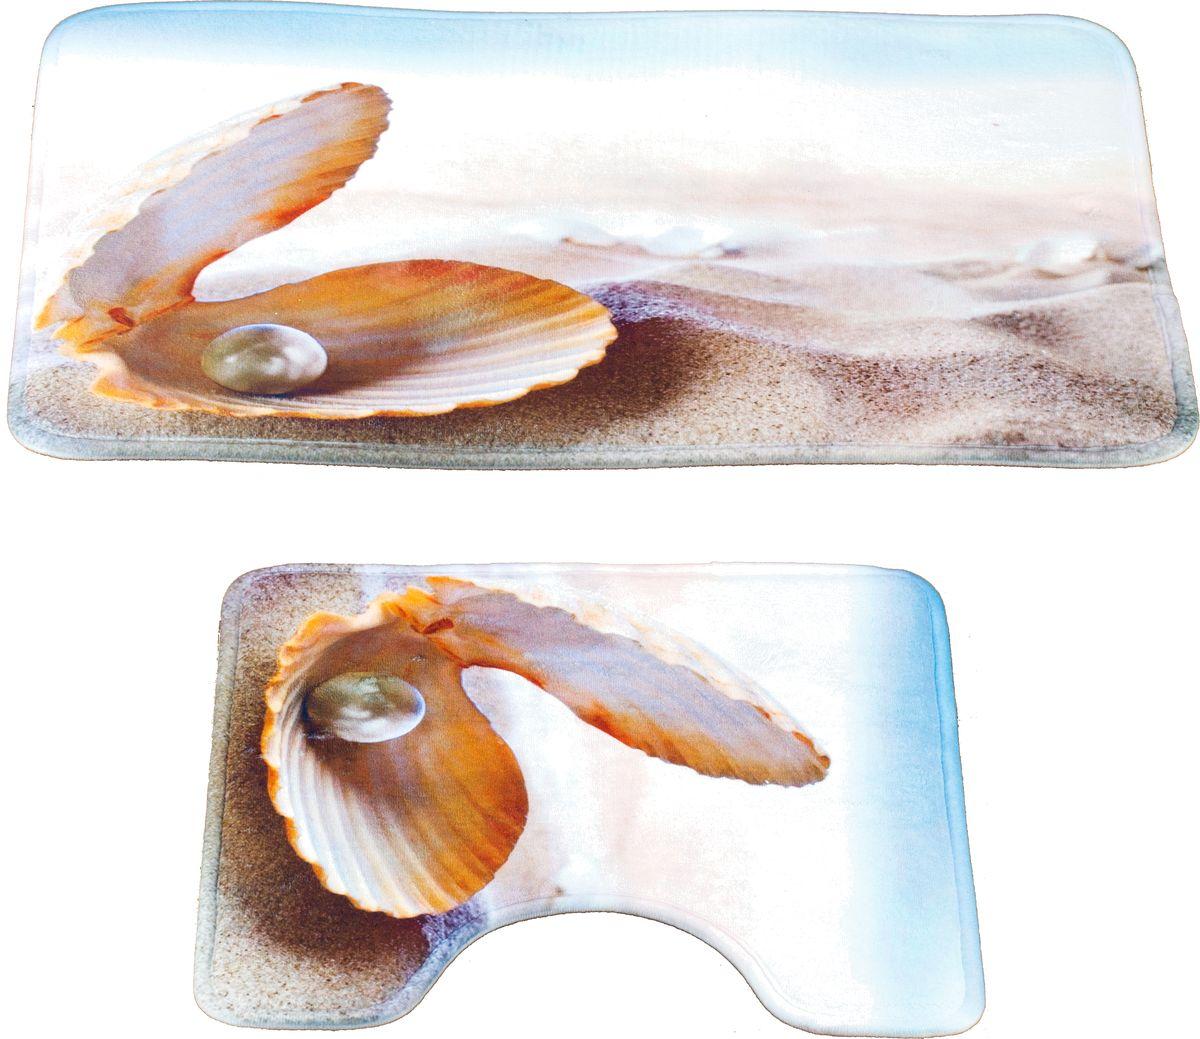 Набор ковриков для ванной Swensa Жемчужина, цвет: светло-бежевый, 40 х 60 см, 40 х 40 см, 2 штSWMS-6010Набор ковриков для ванной Swensa Жемчужина способен наполнить ванную комнату атмосферой уюта и домашнего тепла. Микрофибра, из которой изготовлено изделие, отличается непревзойденной мягкостью, особой прочностью, гигроскопичностью. Такое сочетание качеств особенно ценно для текстиля, который планируется использовать в условиях повышенной влажности. Латексная основа предотвращает скольжение коврика на гладкой плитке.